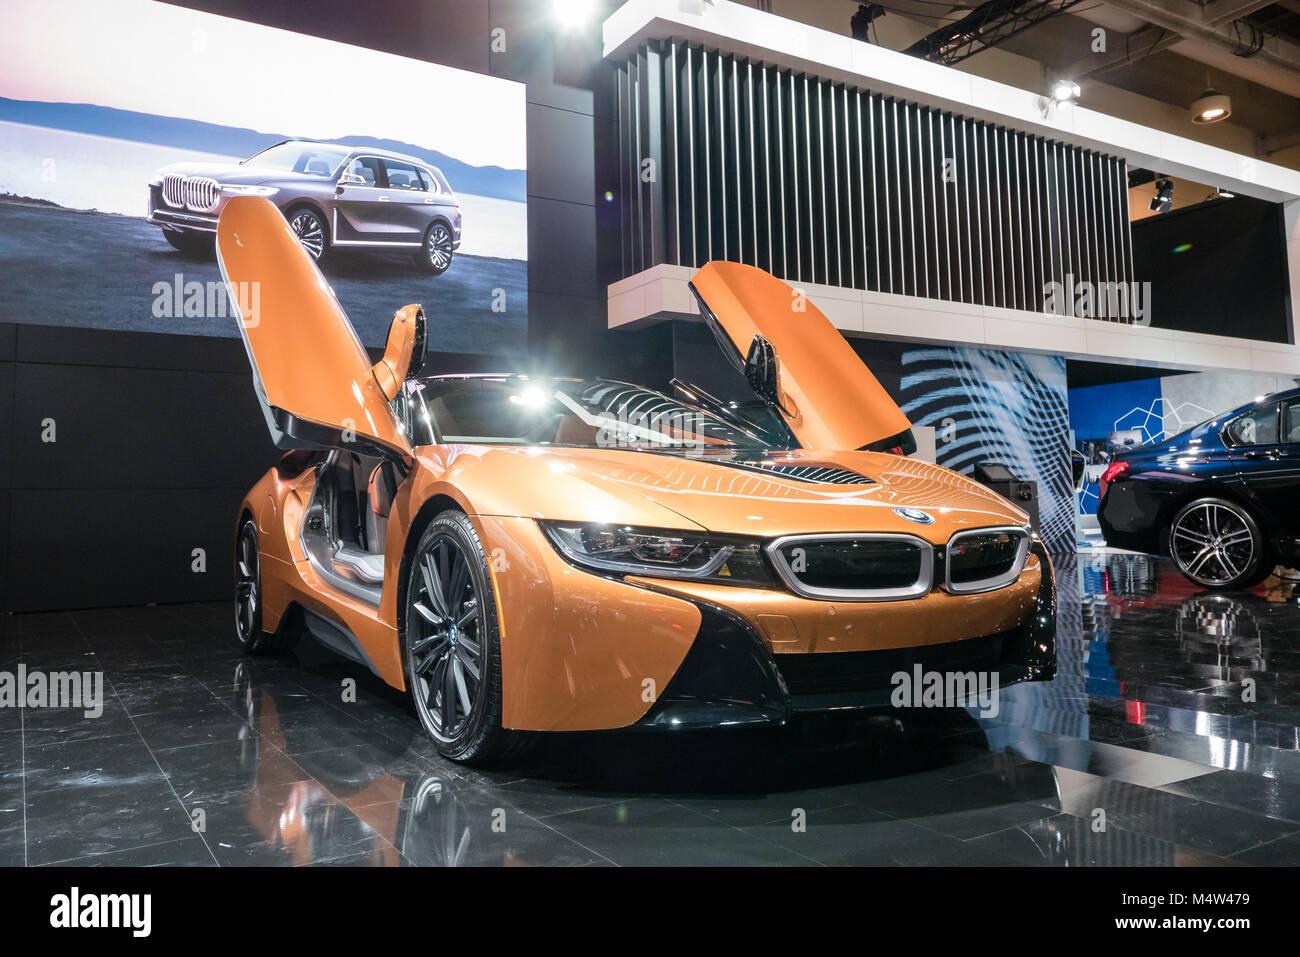 Orange Bmw I8 Electric Car Stock Photo 175114445 Alamy